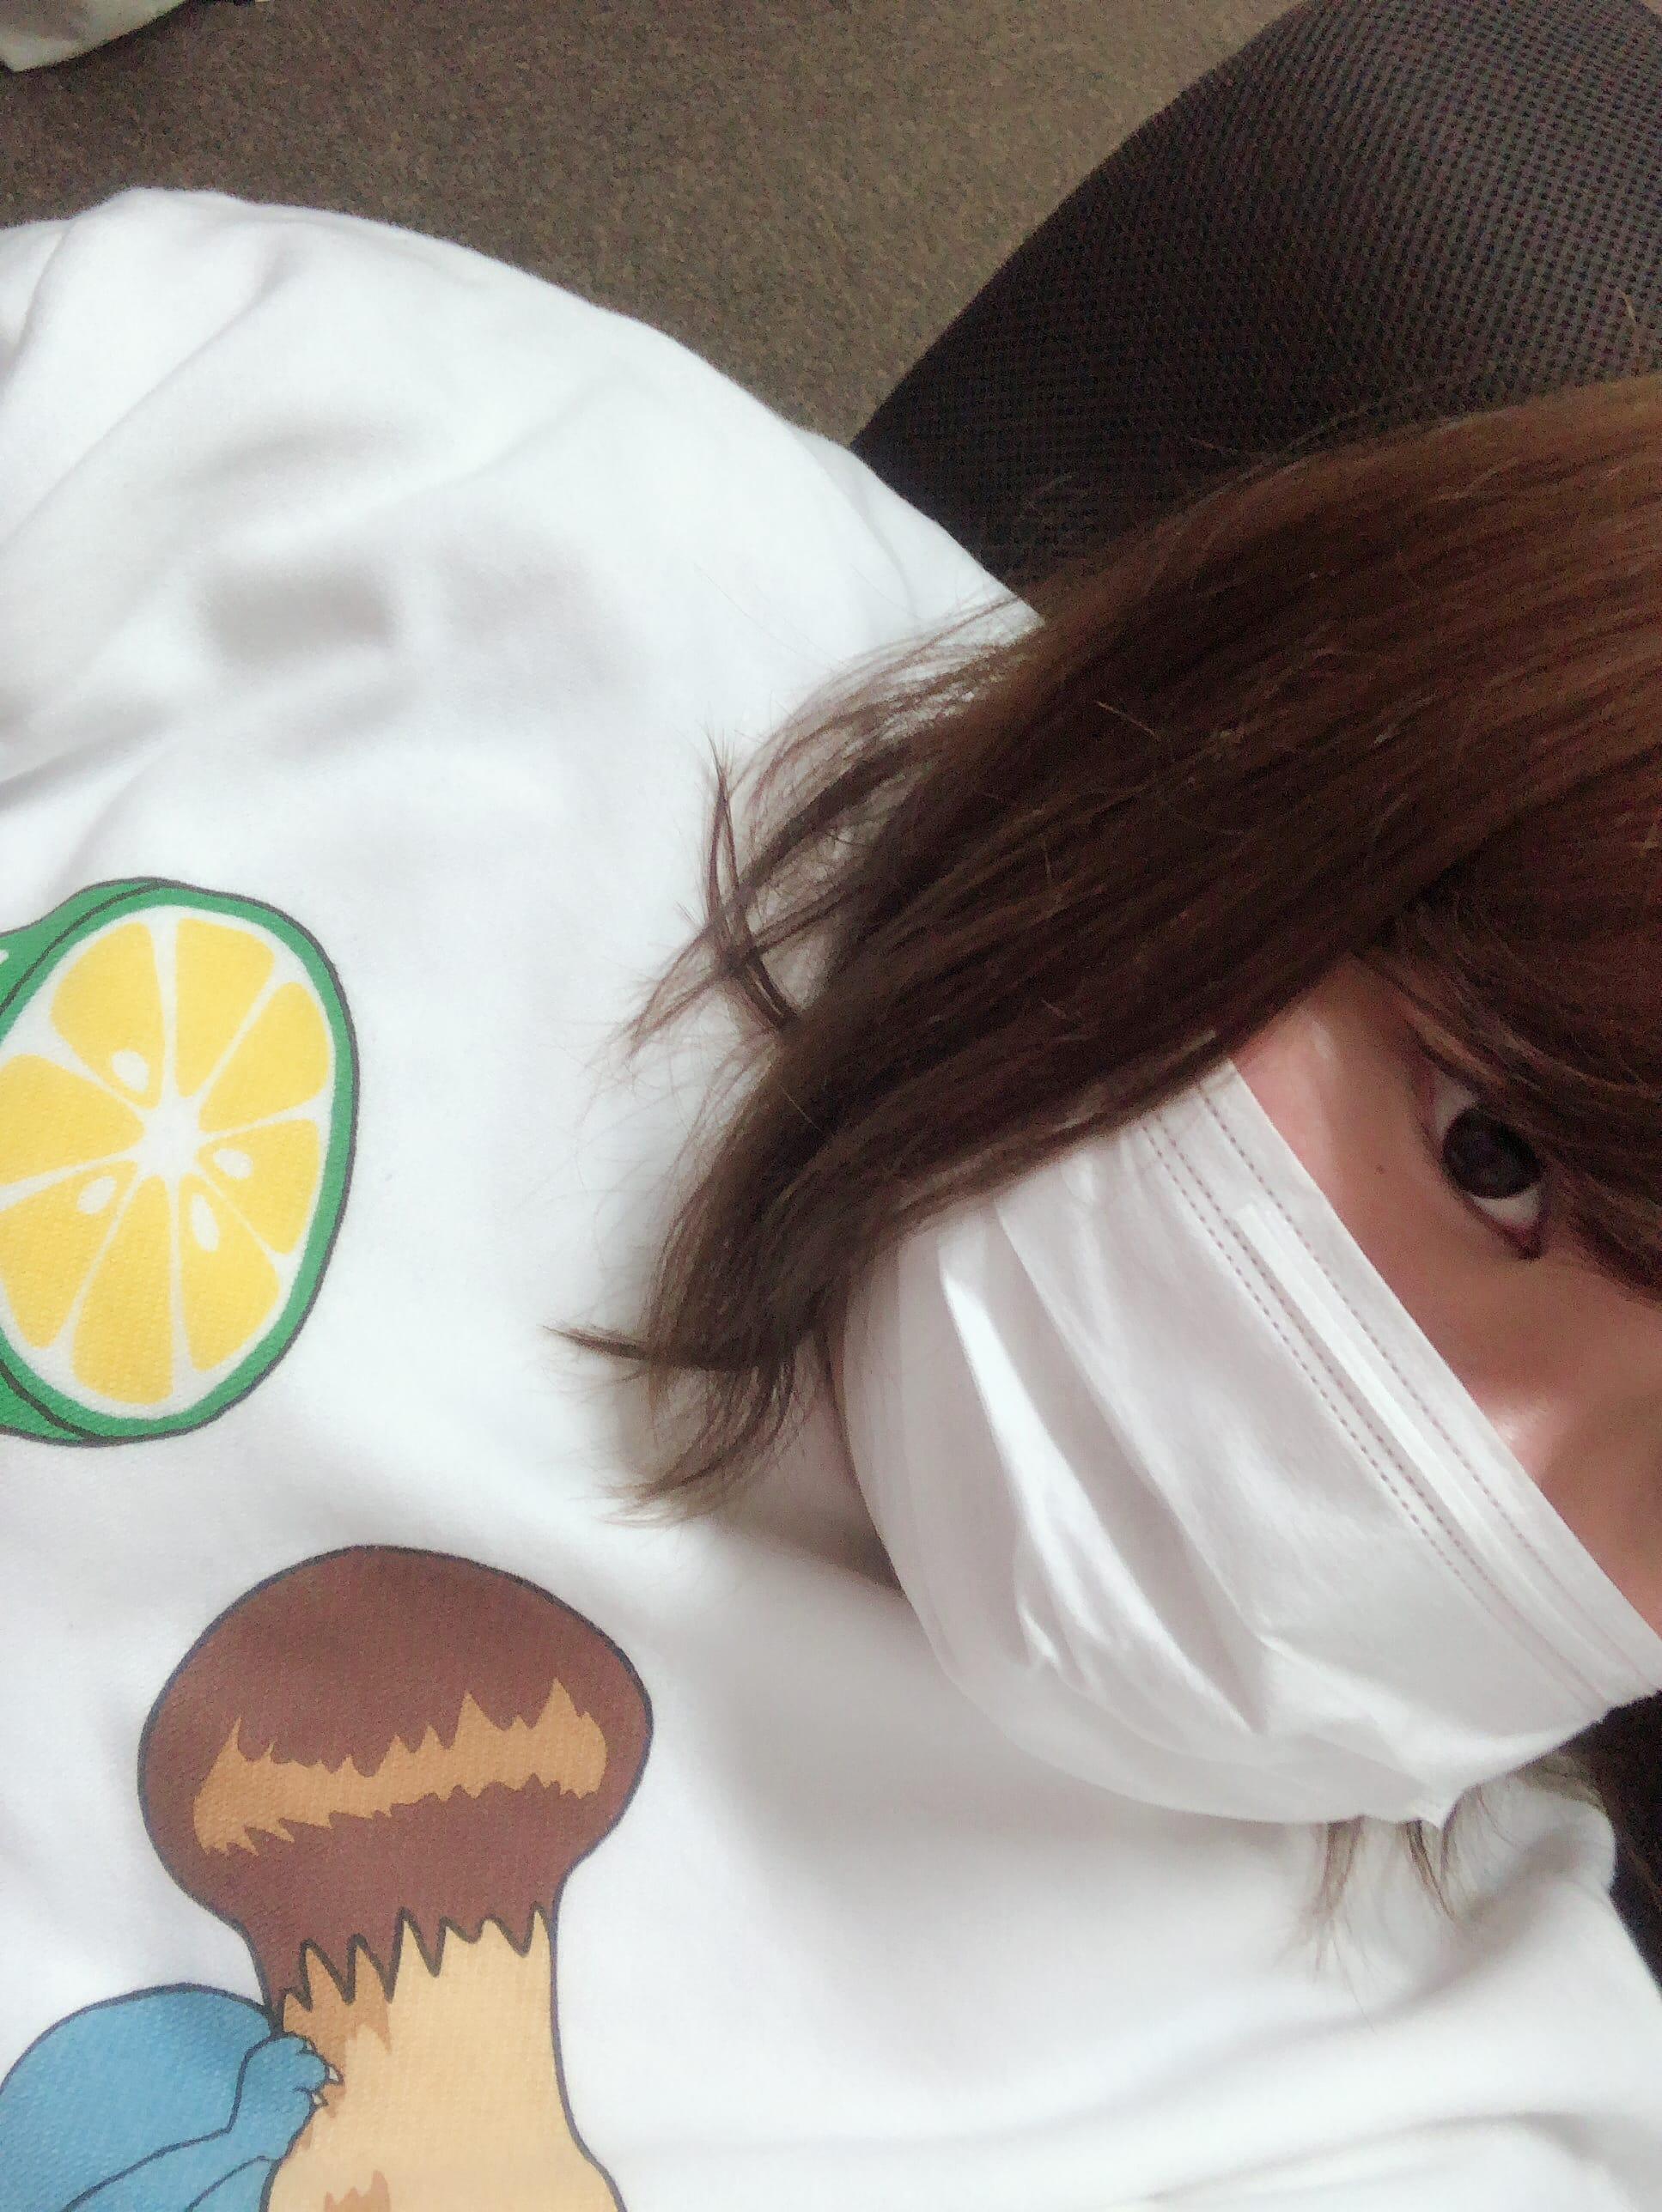 「おれい」04/19(04/19) 18:42   こじこじちゃんの写メ・風俗動画